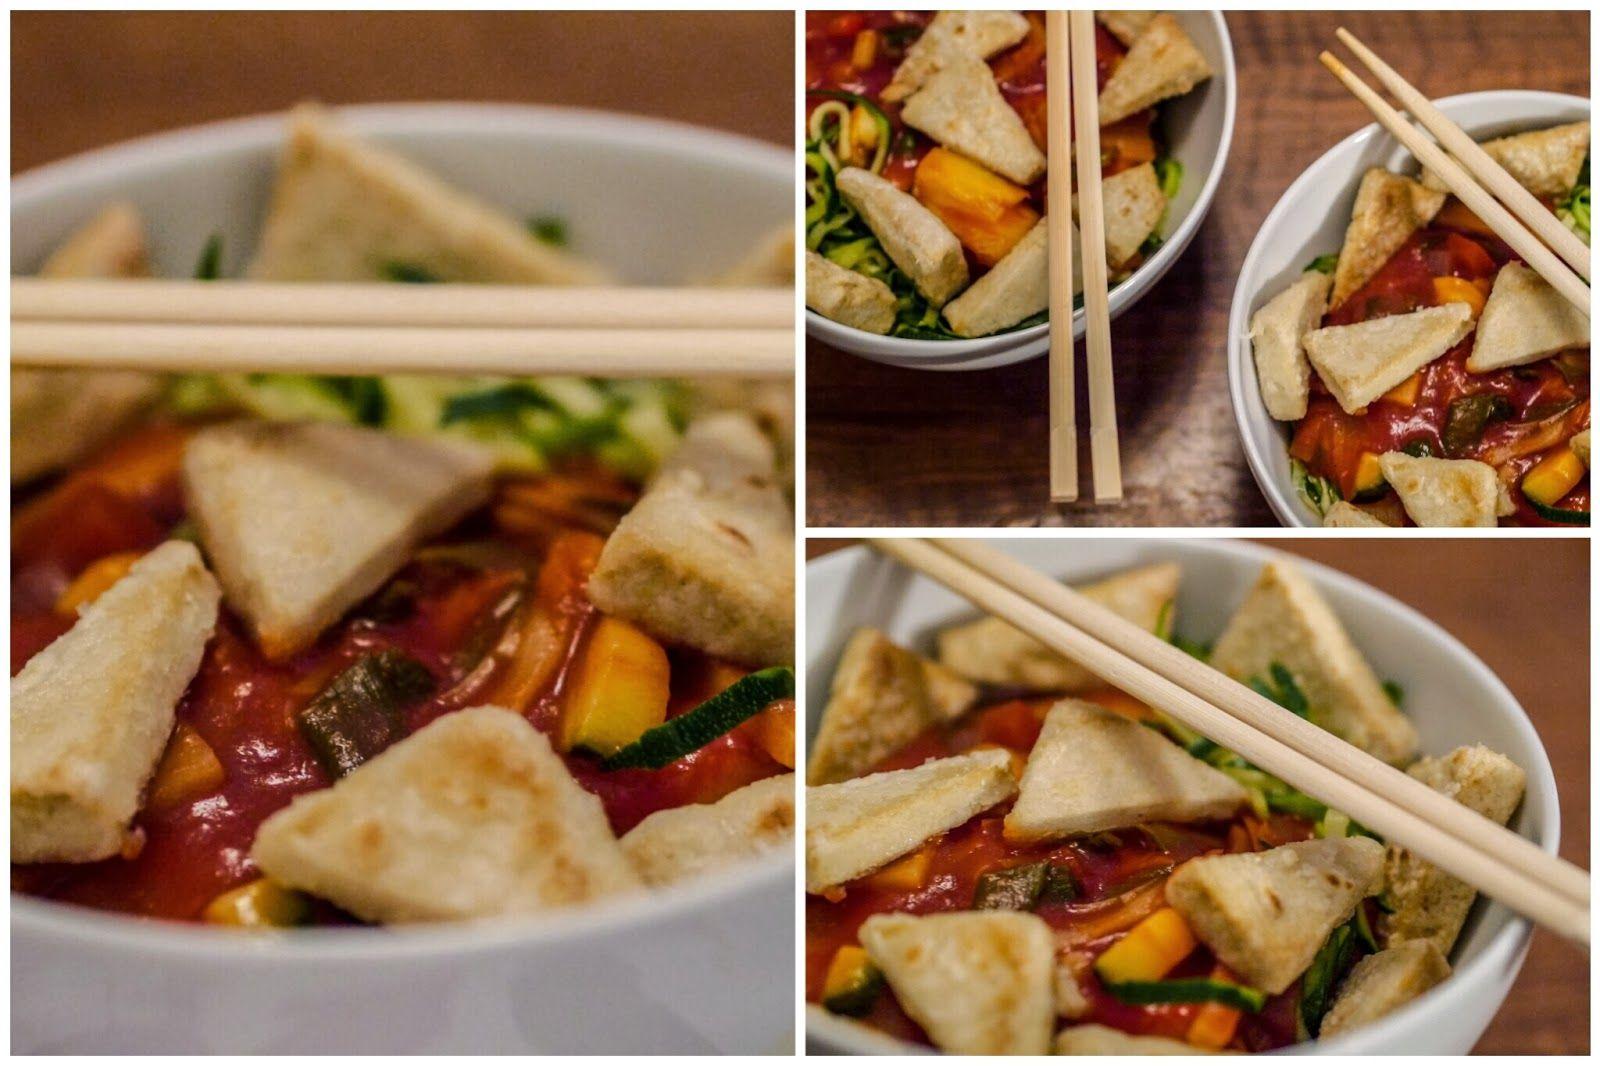 Für diesen Tofu süß-sauer gibts bei Simone das Rezept! Danke dafür, werd ich auf jeden Fall nachmachen!